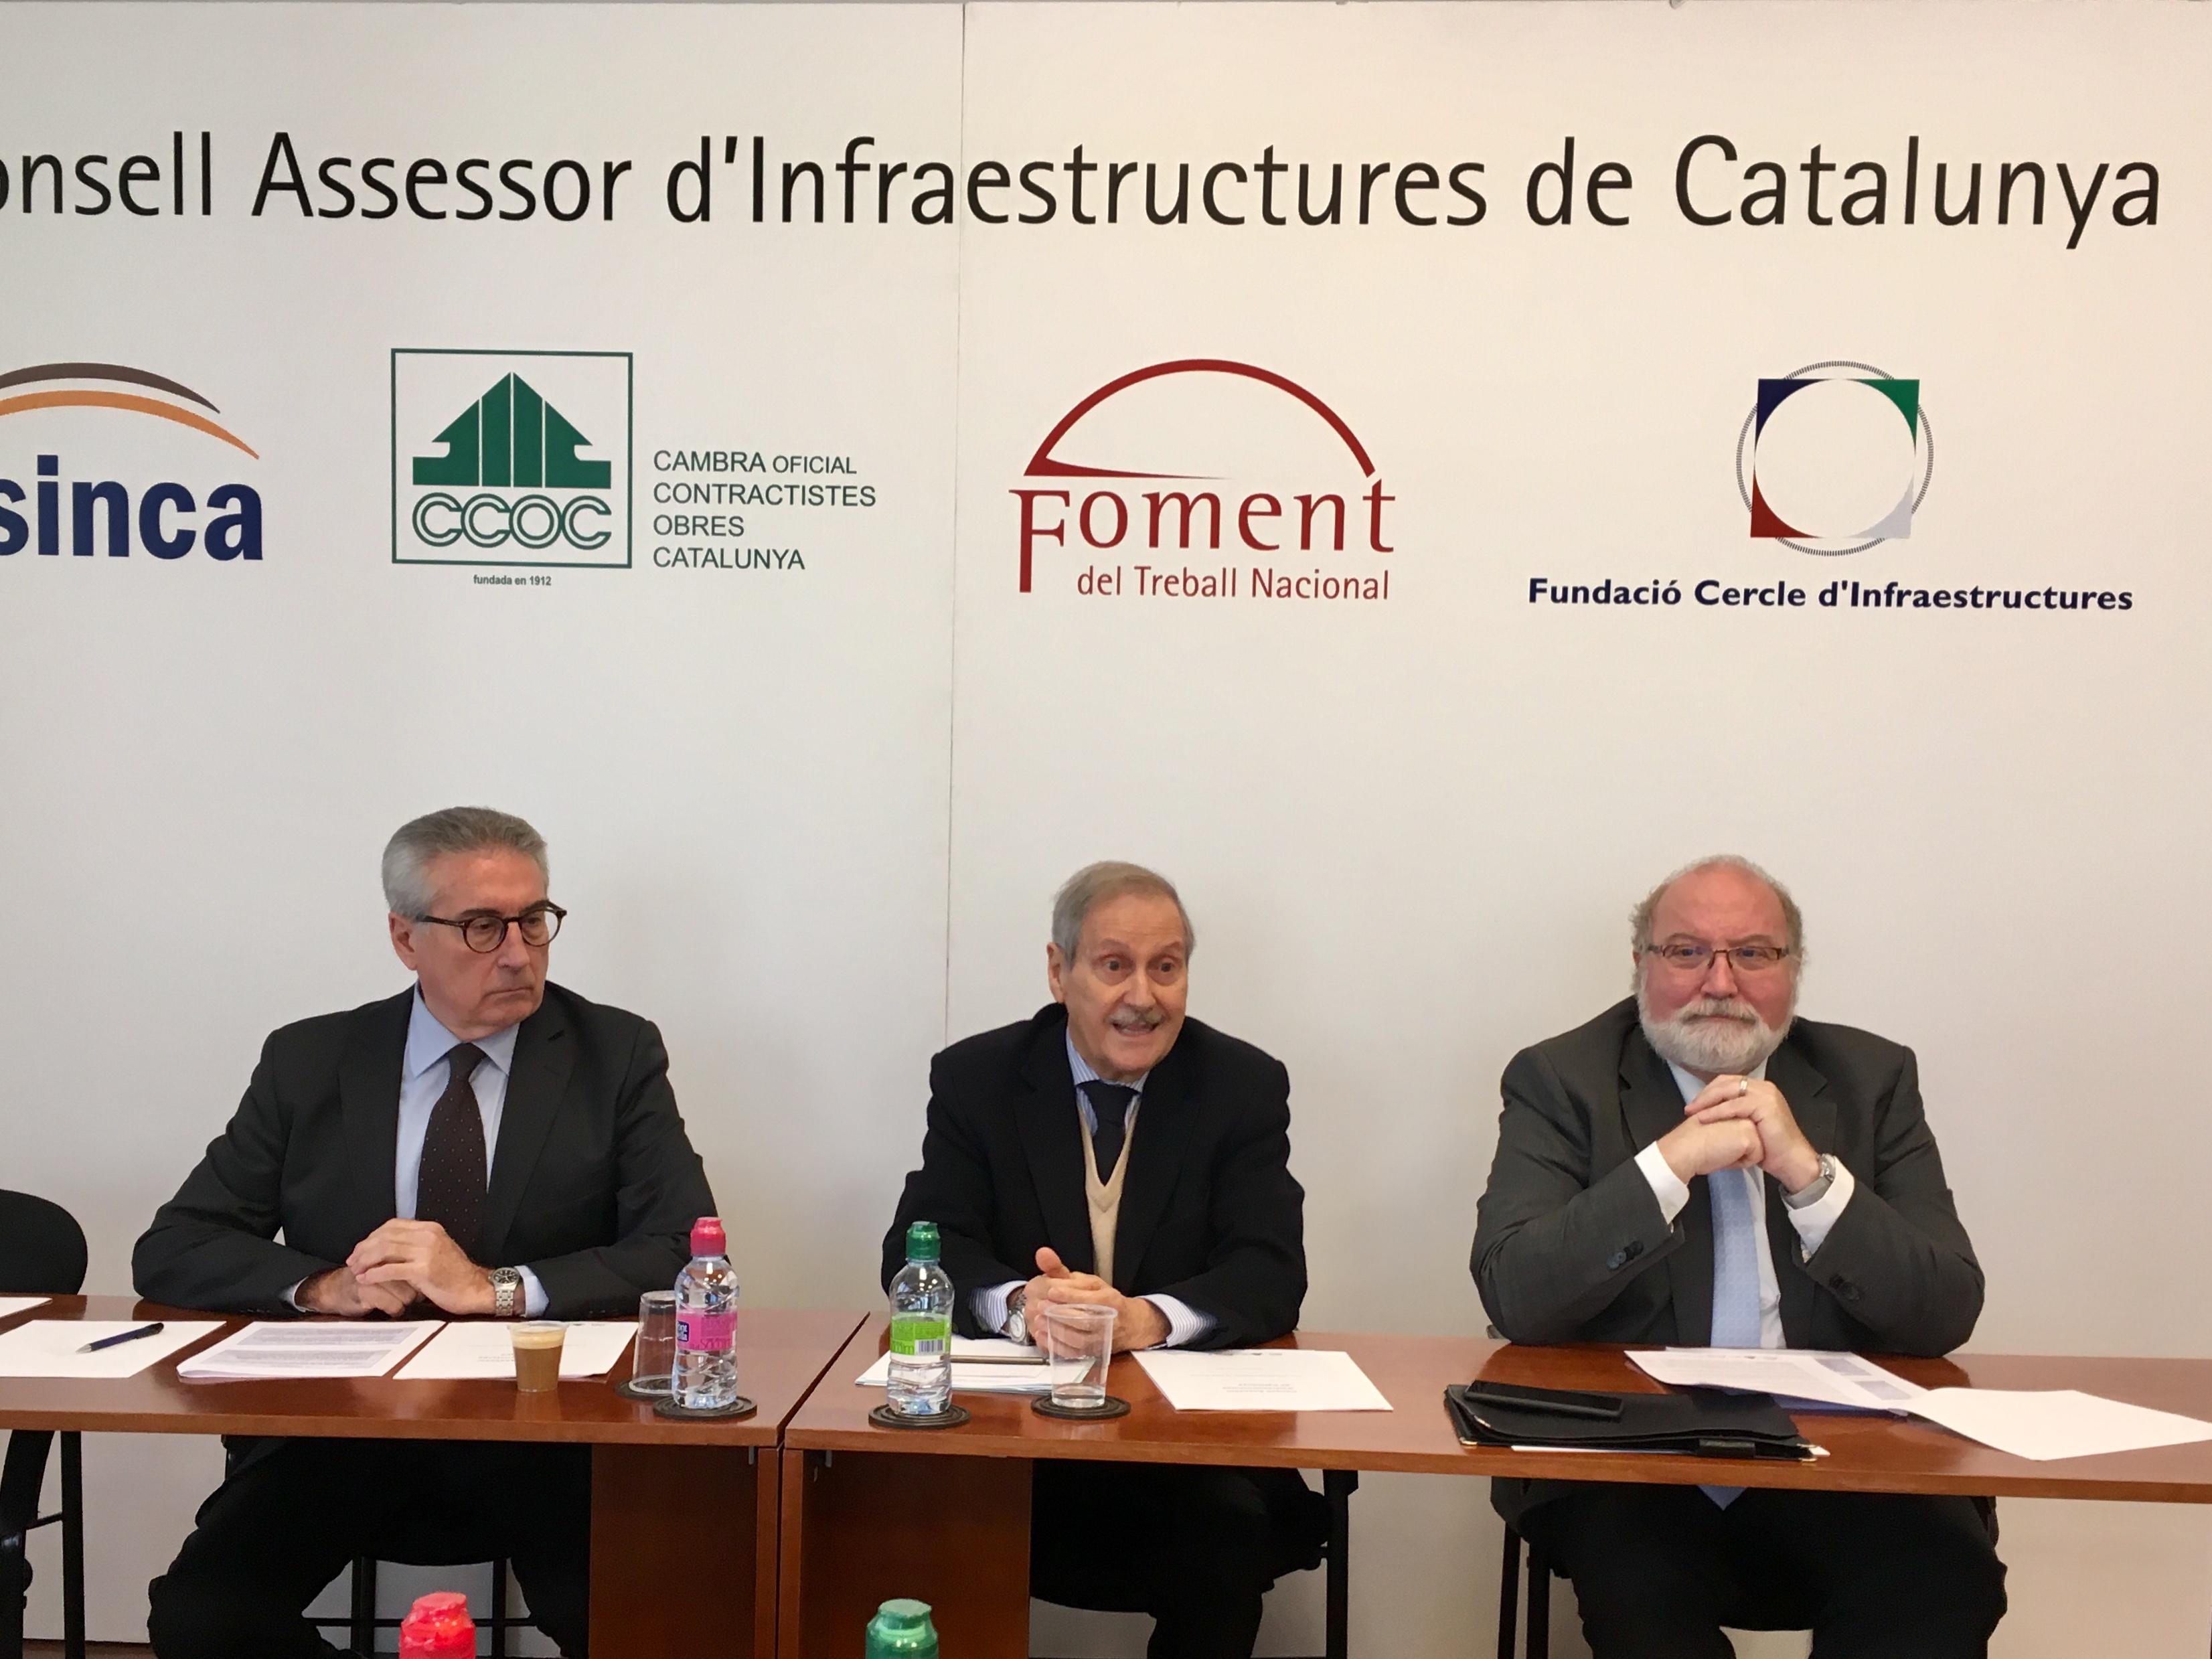 El Consell Assessor d'Infraestructures de Catalunya vindica la col·laboració Públicoprivada com el model necessari per recuperar la inversió